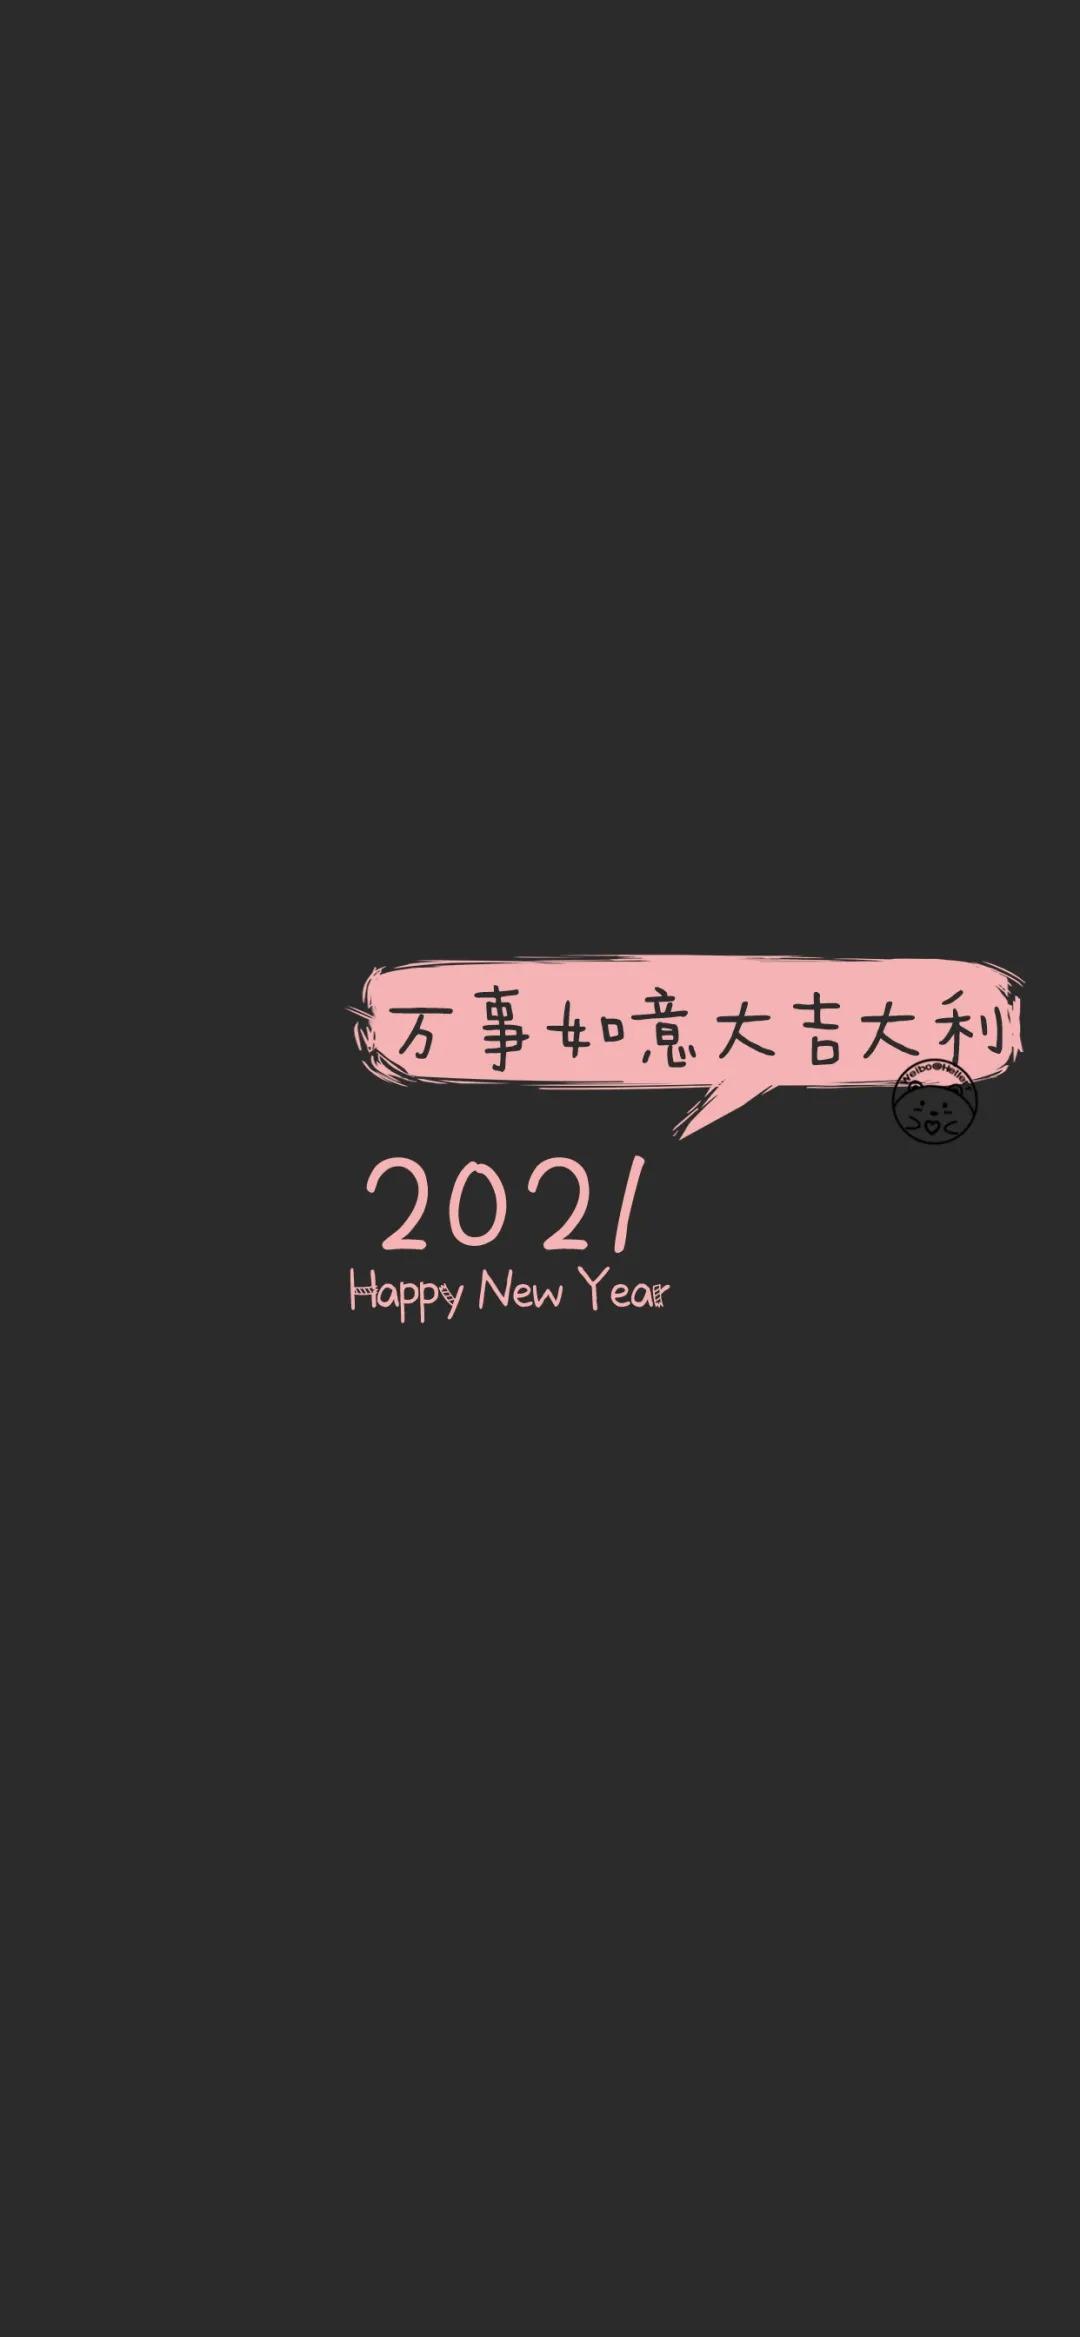 壁纸   2021手机壁纸插图17